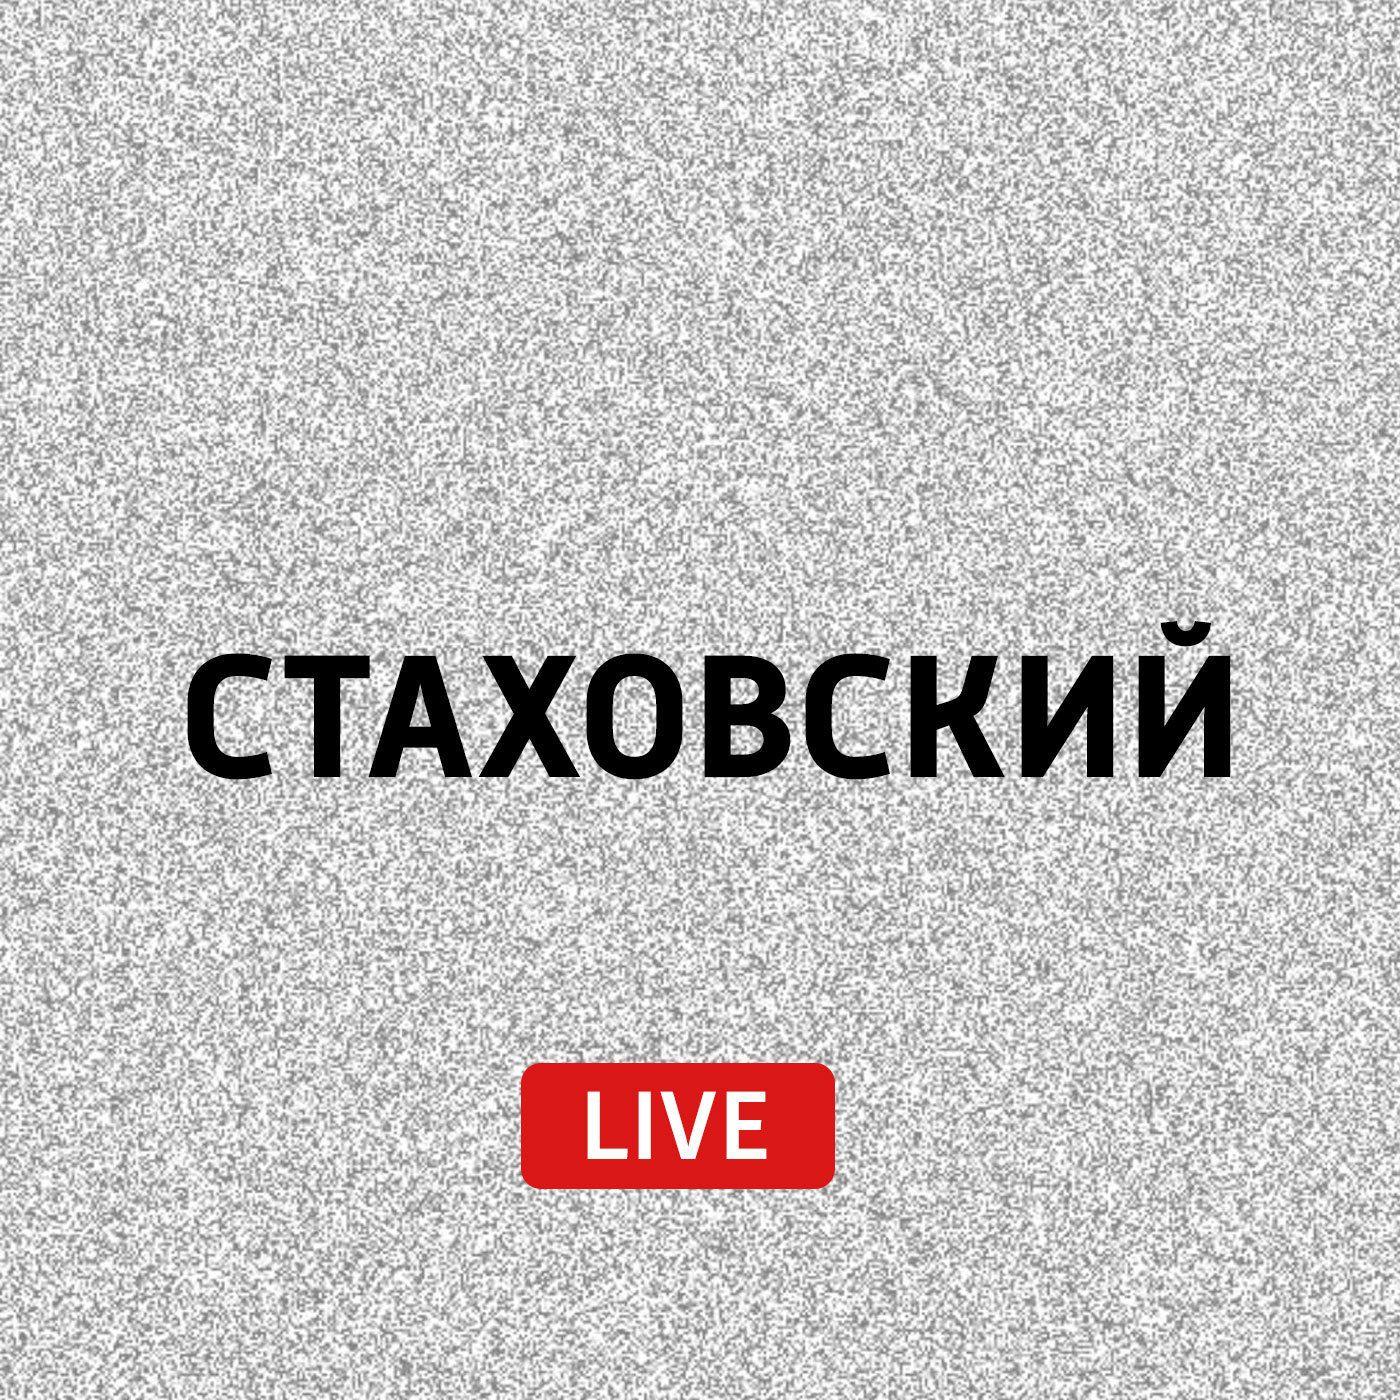 Евгений Стаховский Механика утопии евгений стаховский на связи мадрид